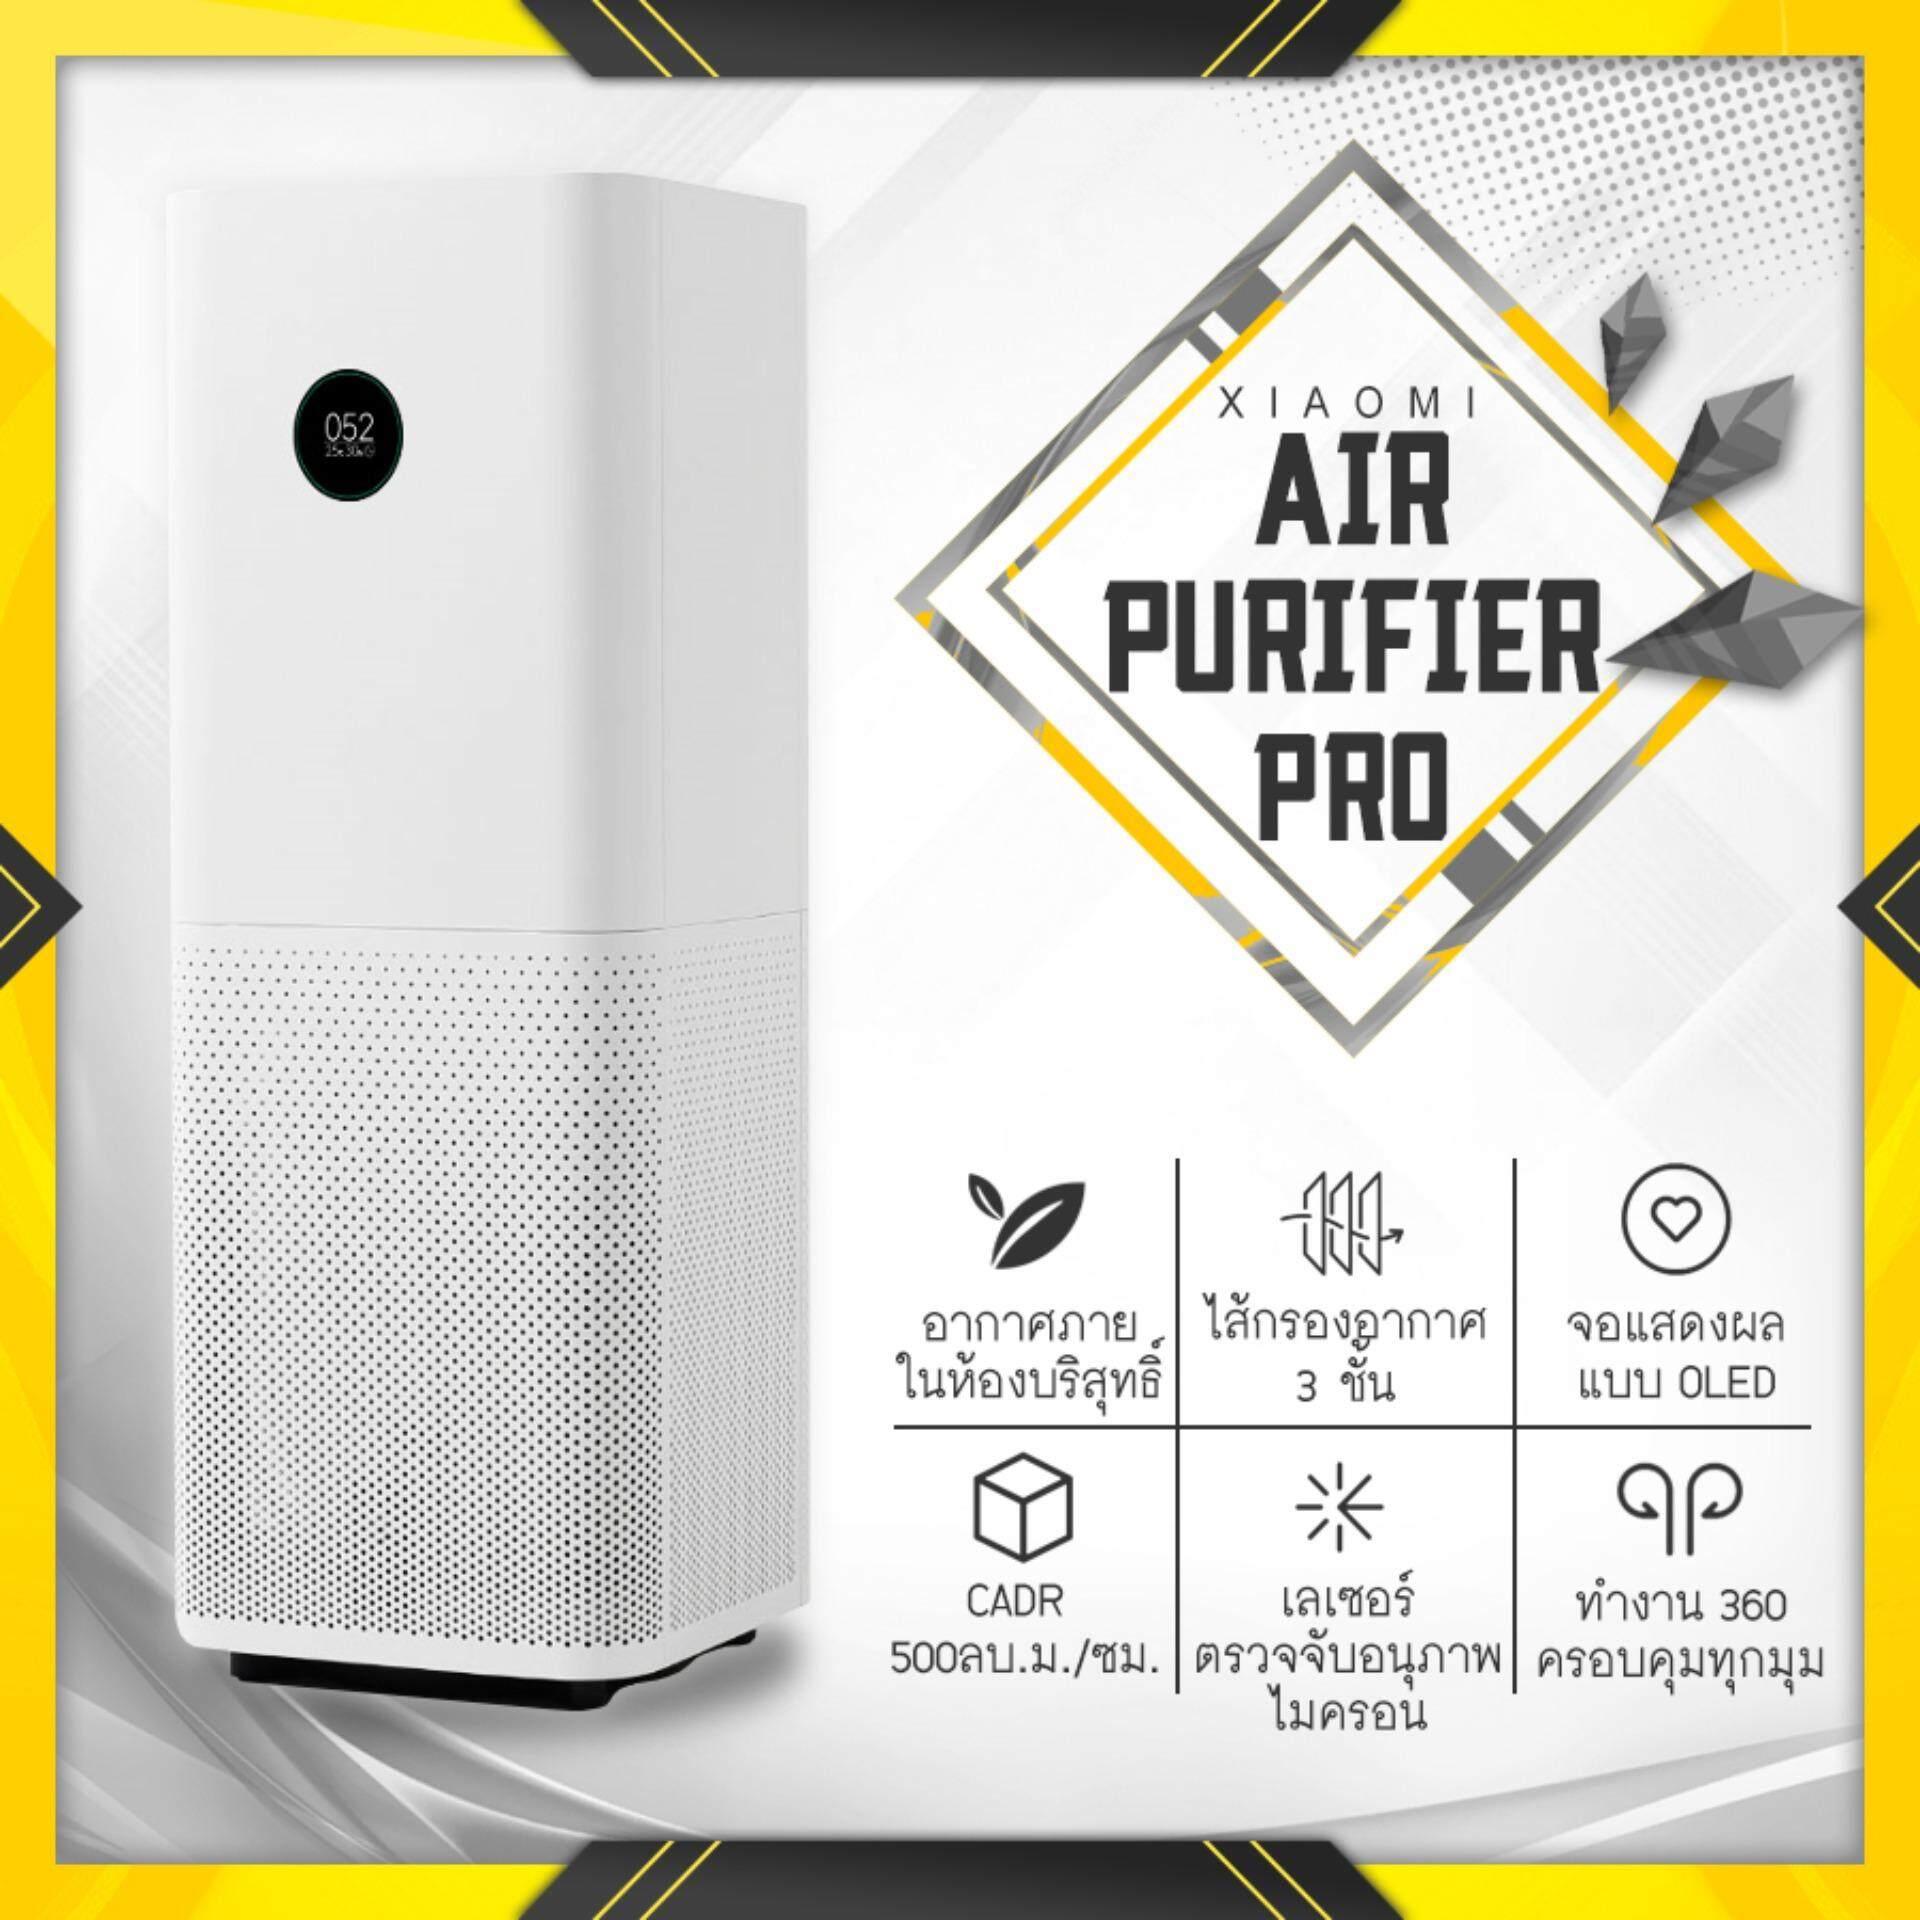 บัตรเครดิตซิตี้แบงก์ รีวอร์ด  บุรีรัมย์ [พร้อมจัดส่ง] Xiaomi Mi Air Purifier Pro(จีน) [เครื่องฟอกอากาศ]